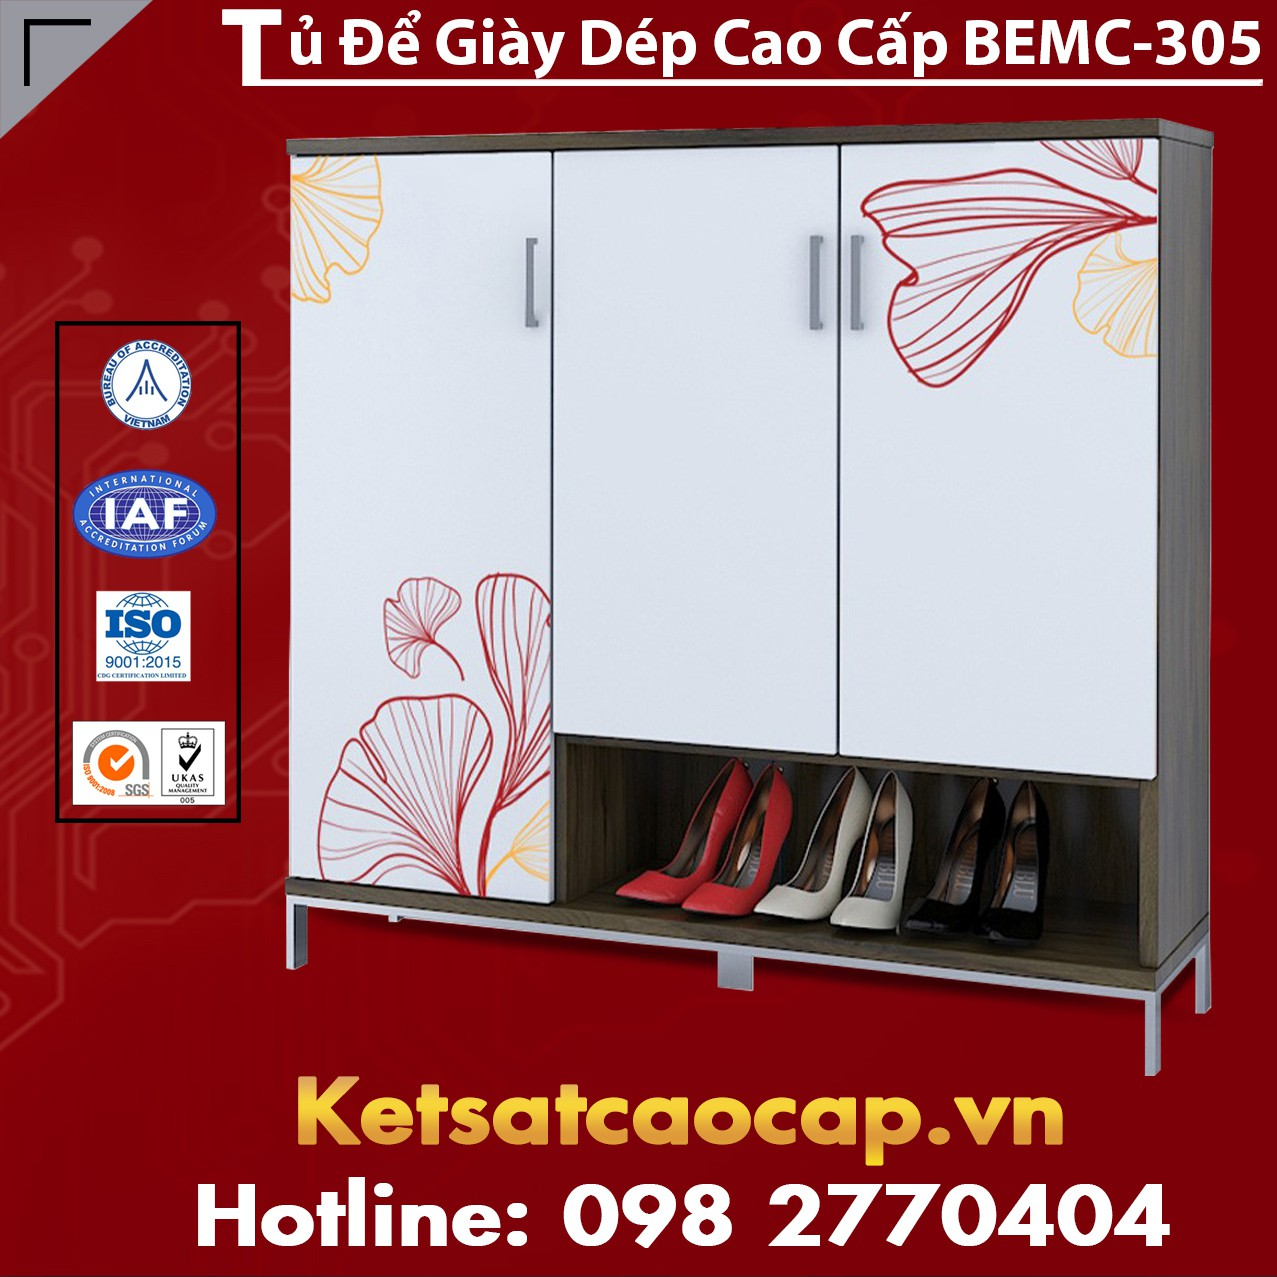 Tủ Để Giày Dép Cao Cấp BEMC-305